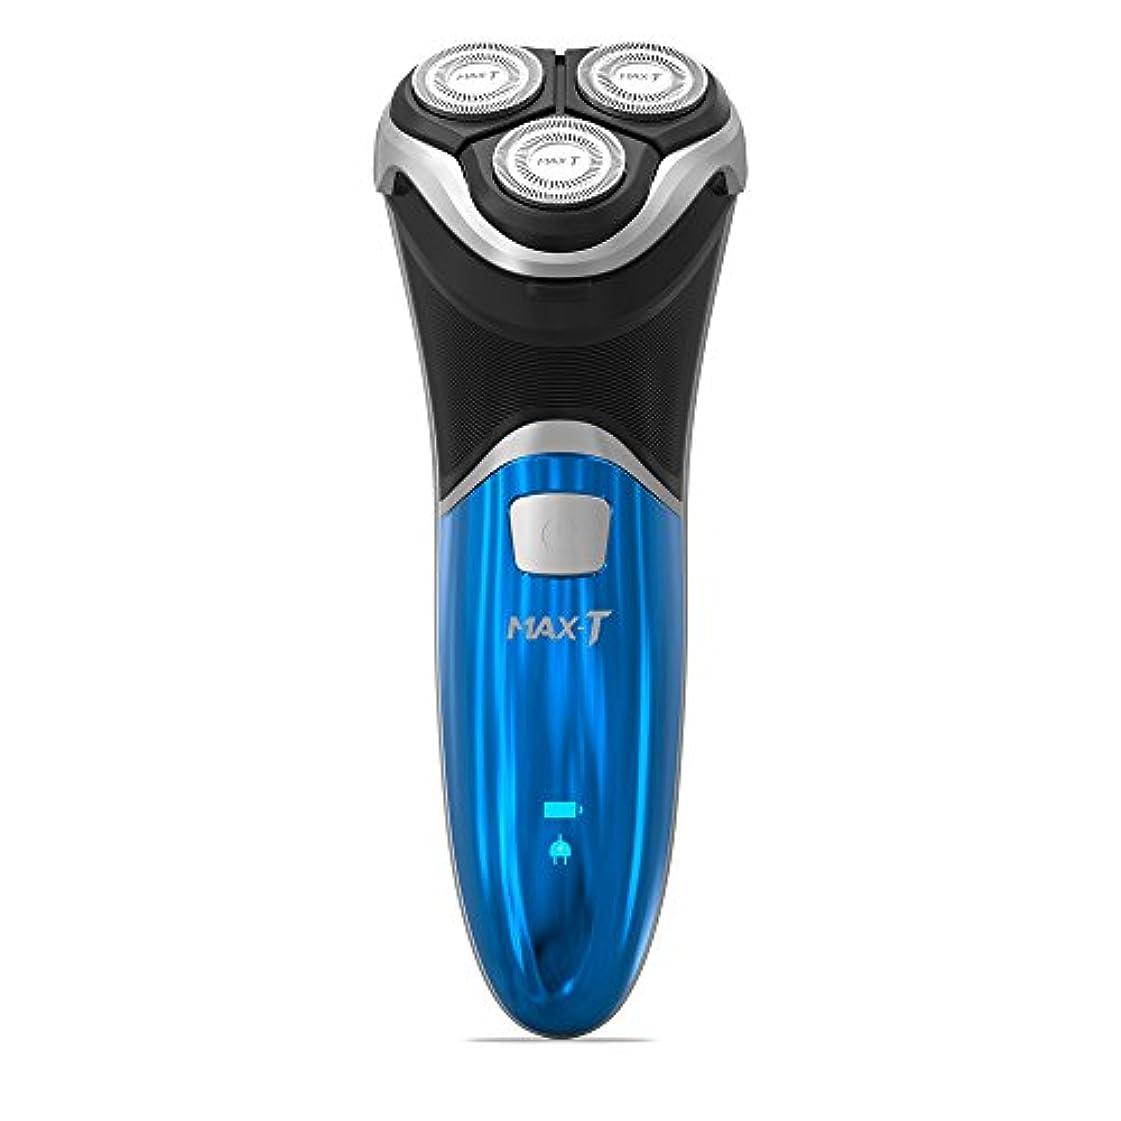 日帰り旅行にチャート汚物シェーバー 3枚刃 IPX7級防水 お風呂剃り可 Micro USB充電 トリマー付属 MAX-T RMS6101 (RMS6101)